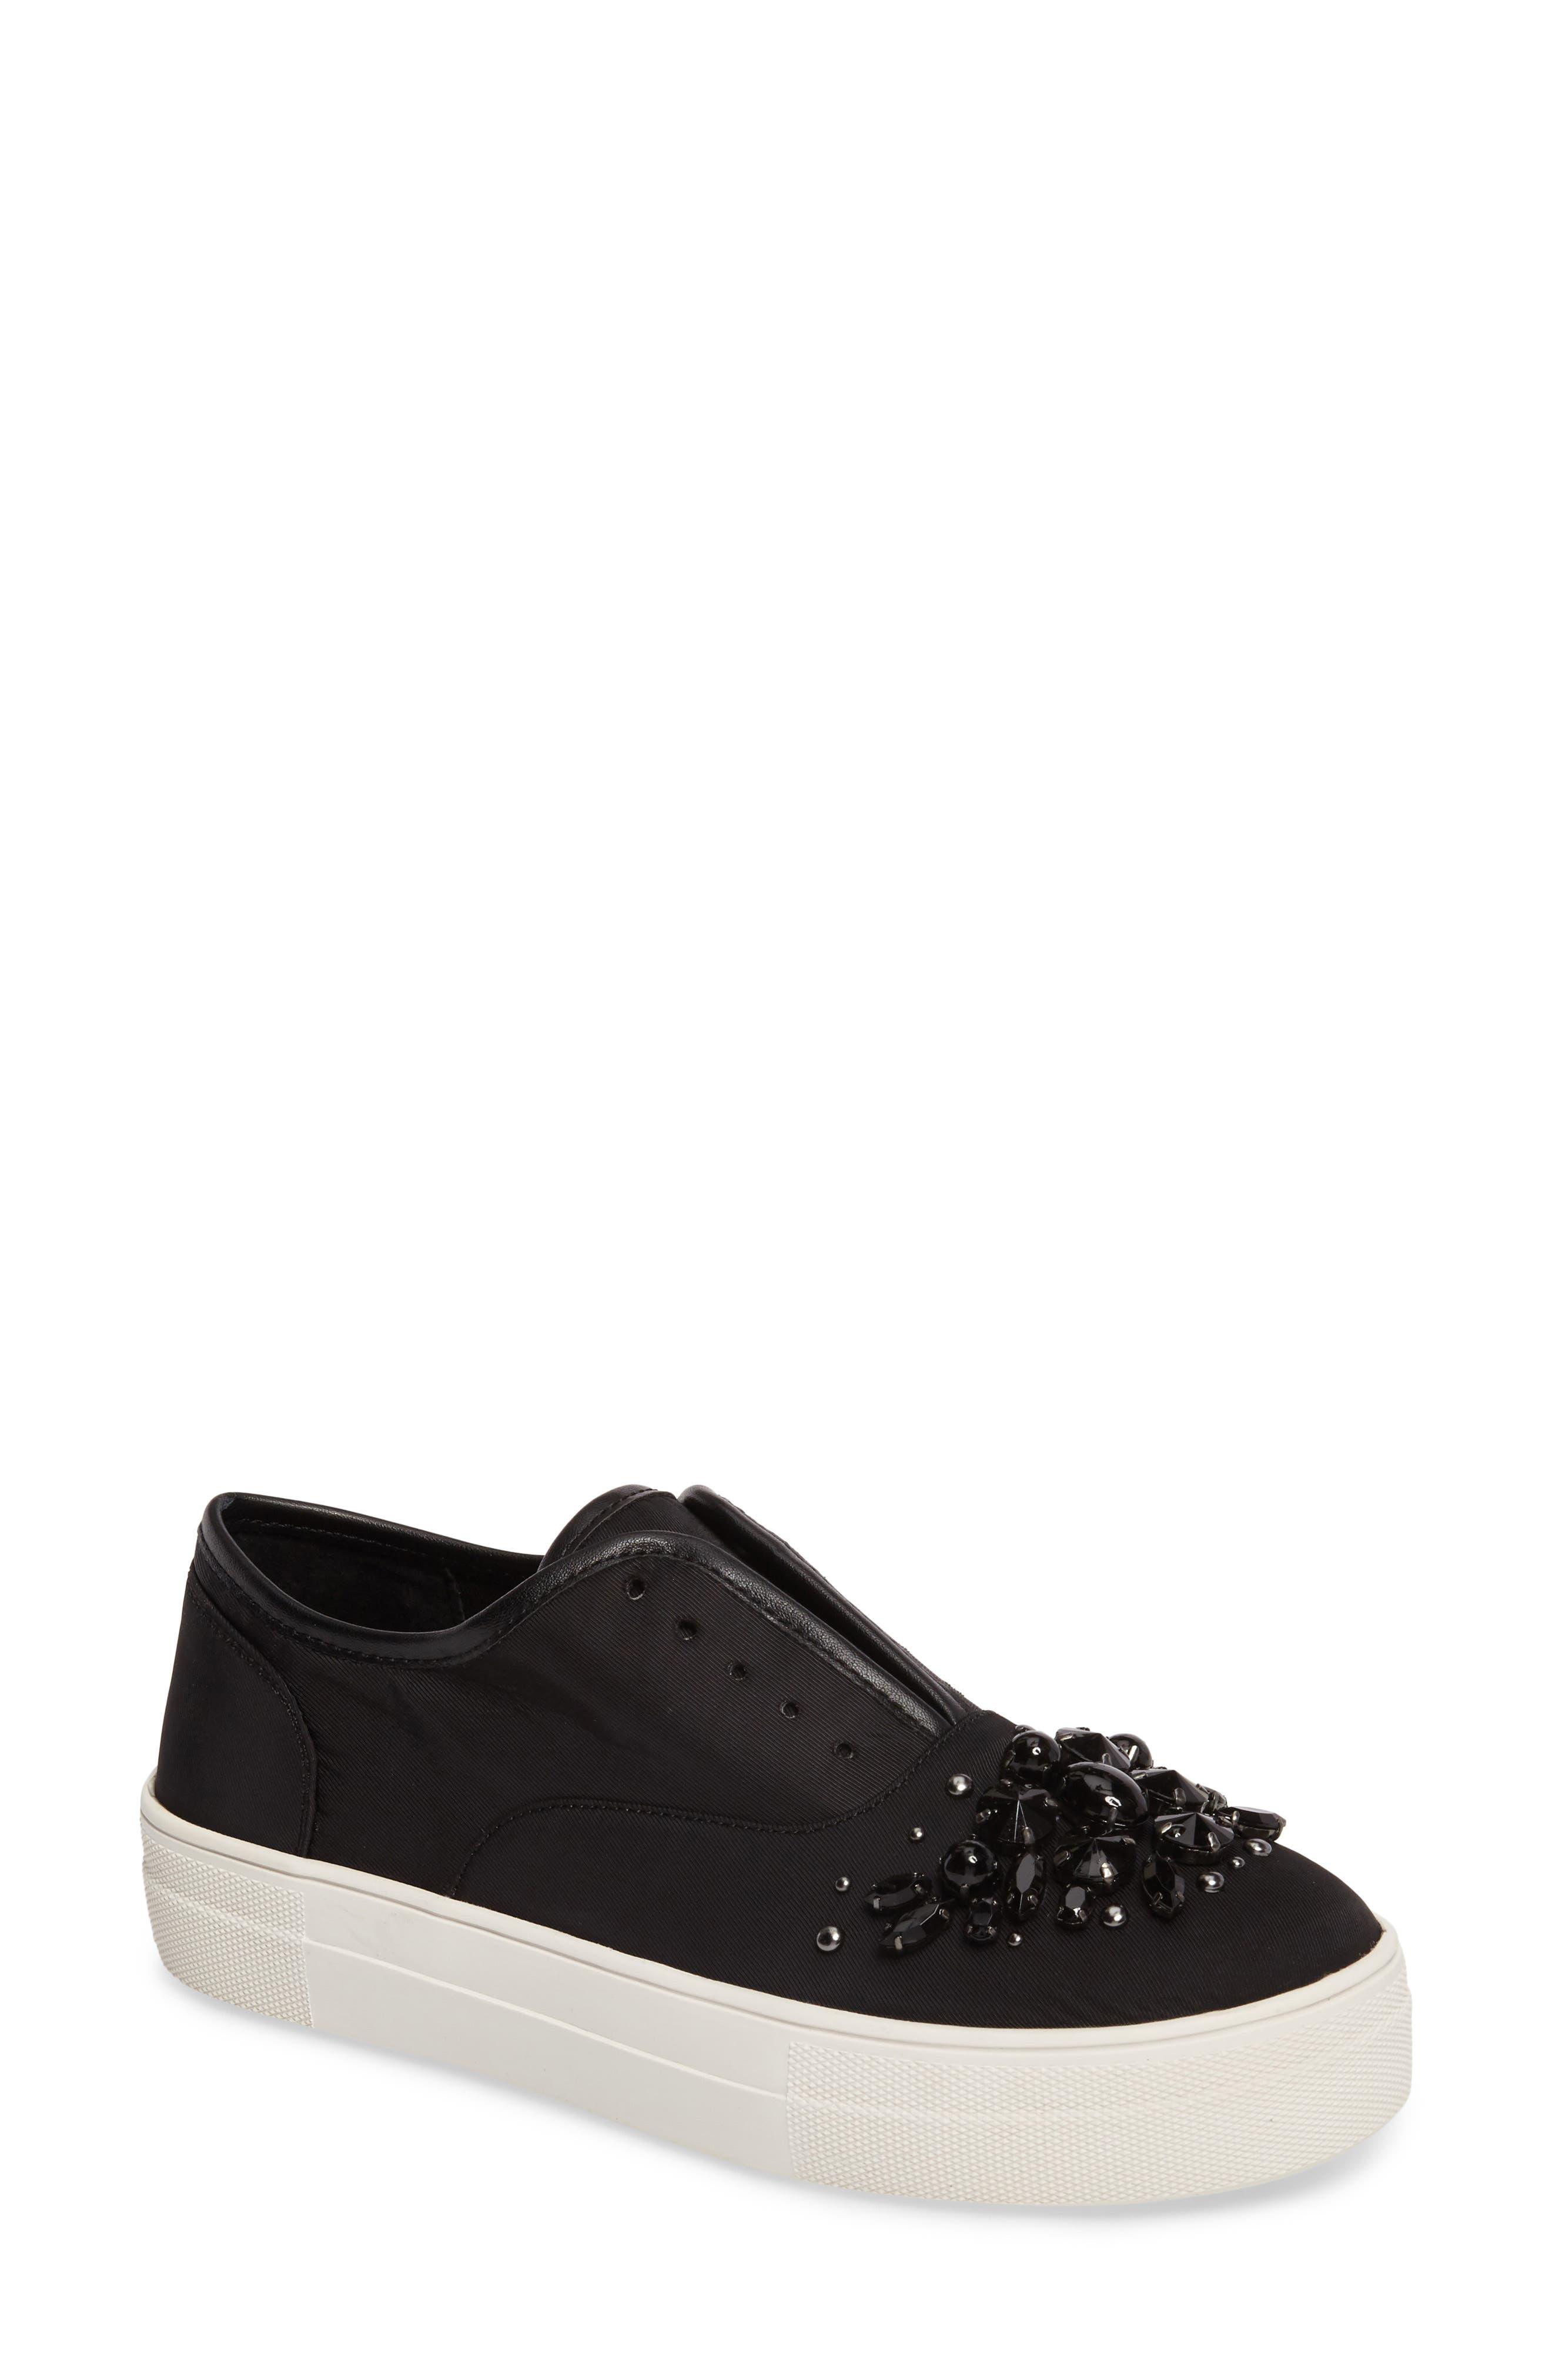 STEVE MADDEN Passion Embellished Slip-On Platform Sneaker